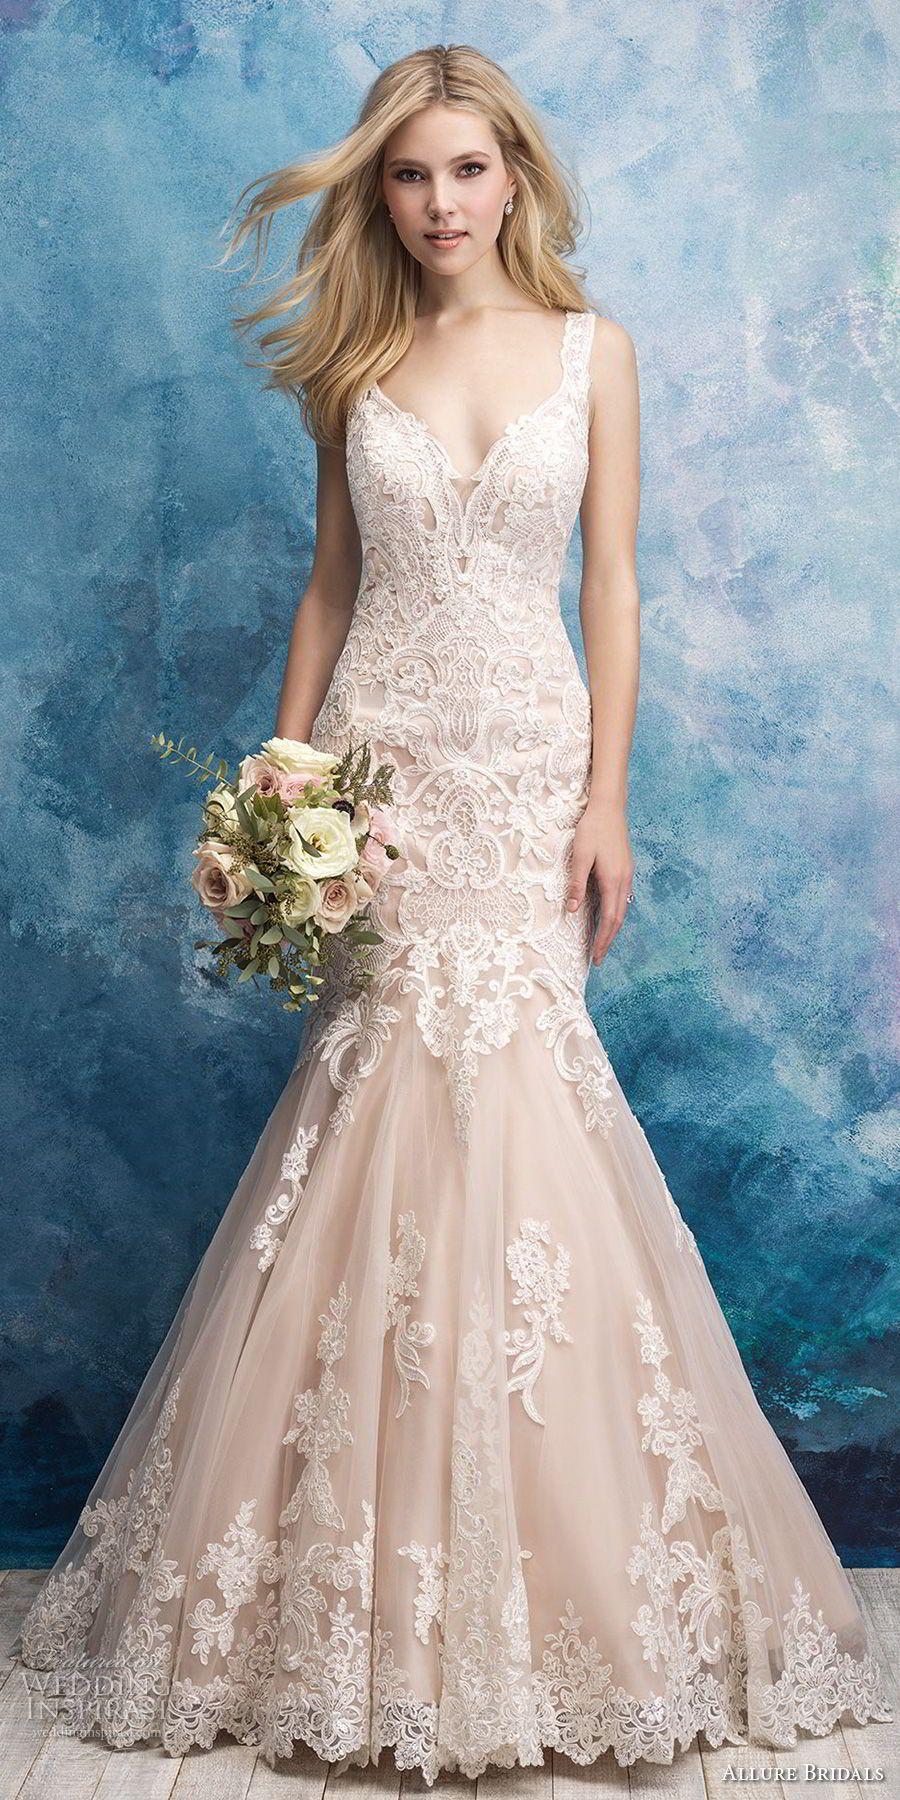 Allure Bridals Fall 2018 Wedding Dresses | Allure bridal, Mermaid ...